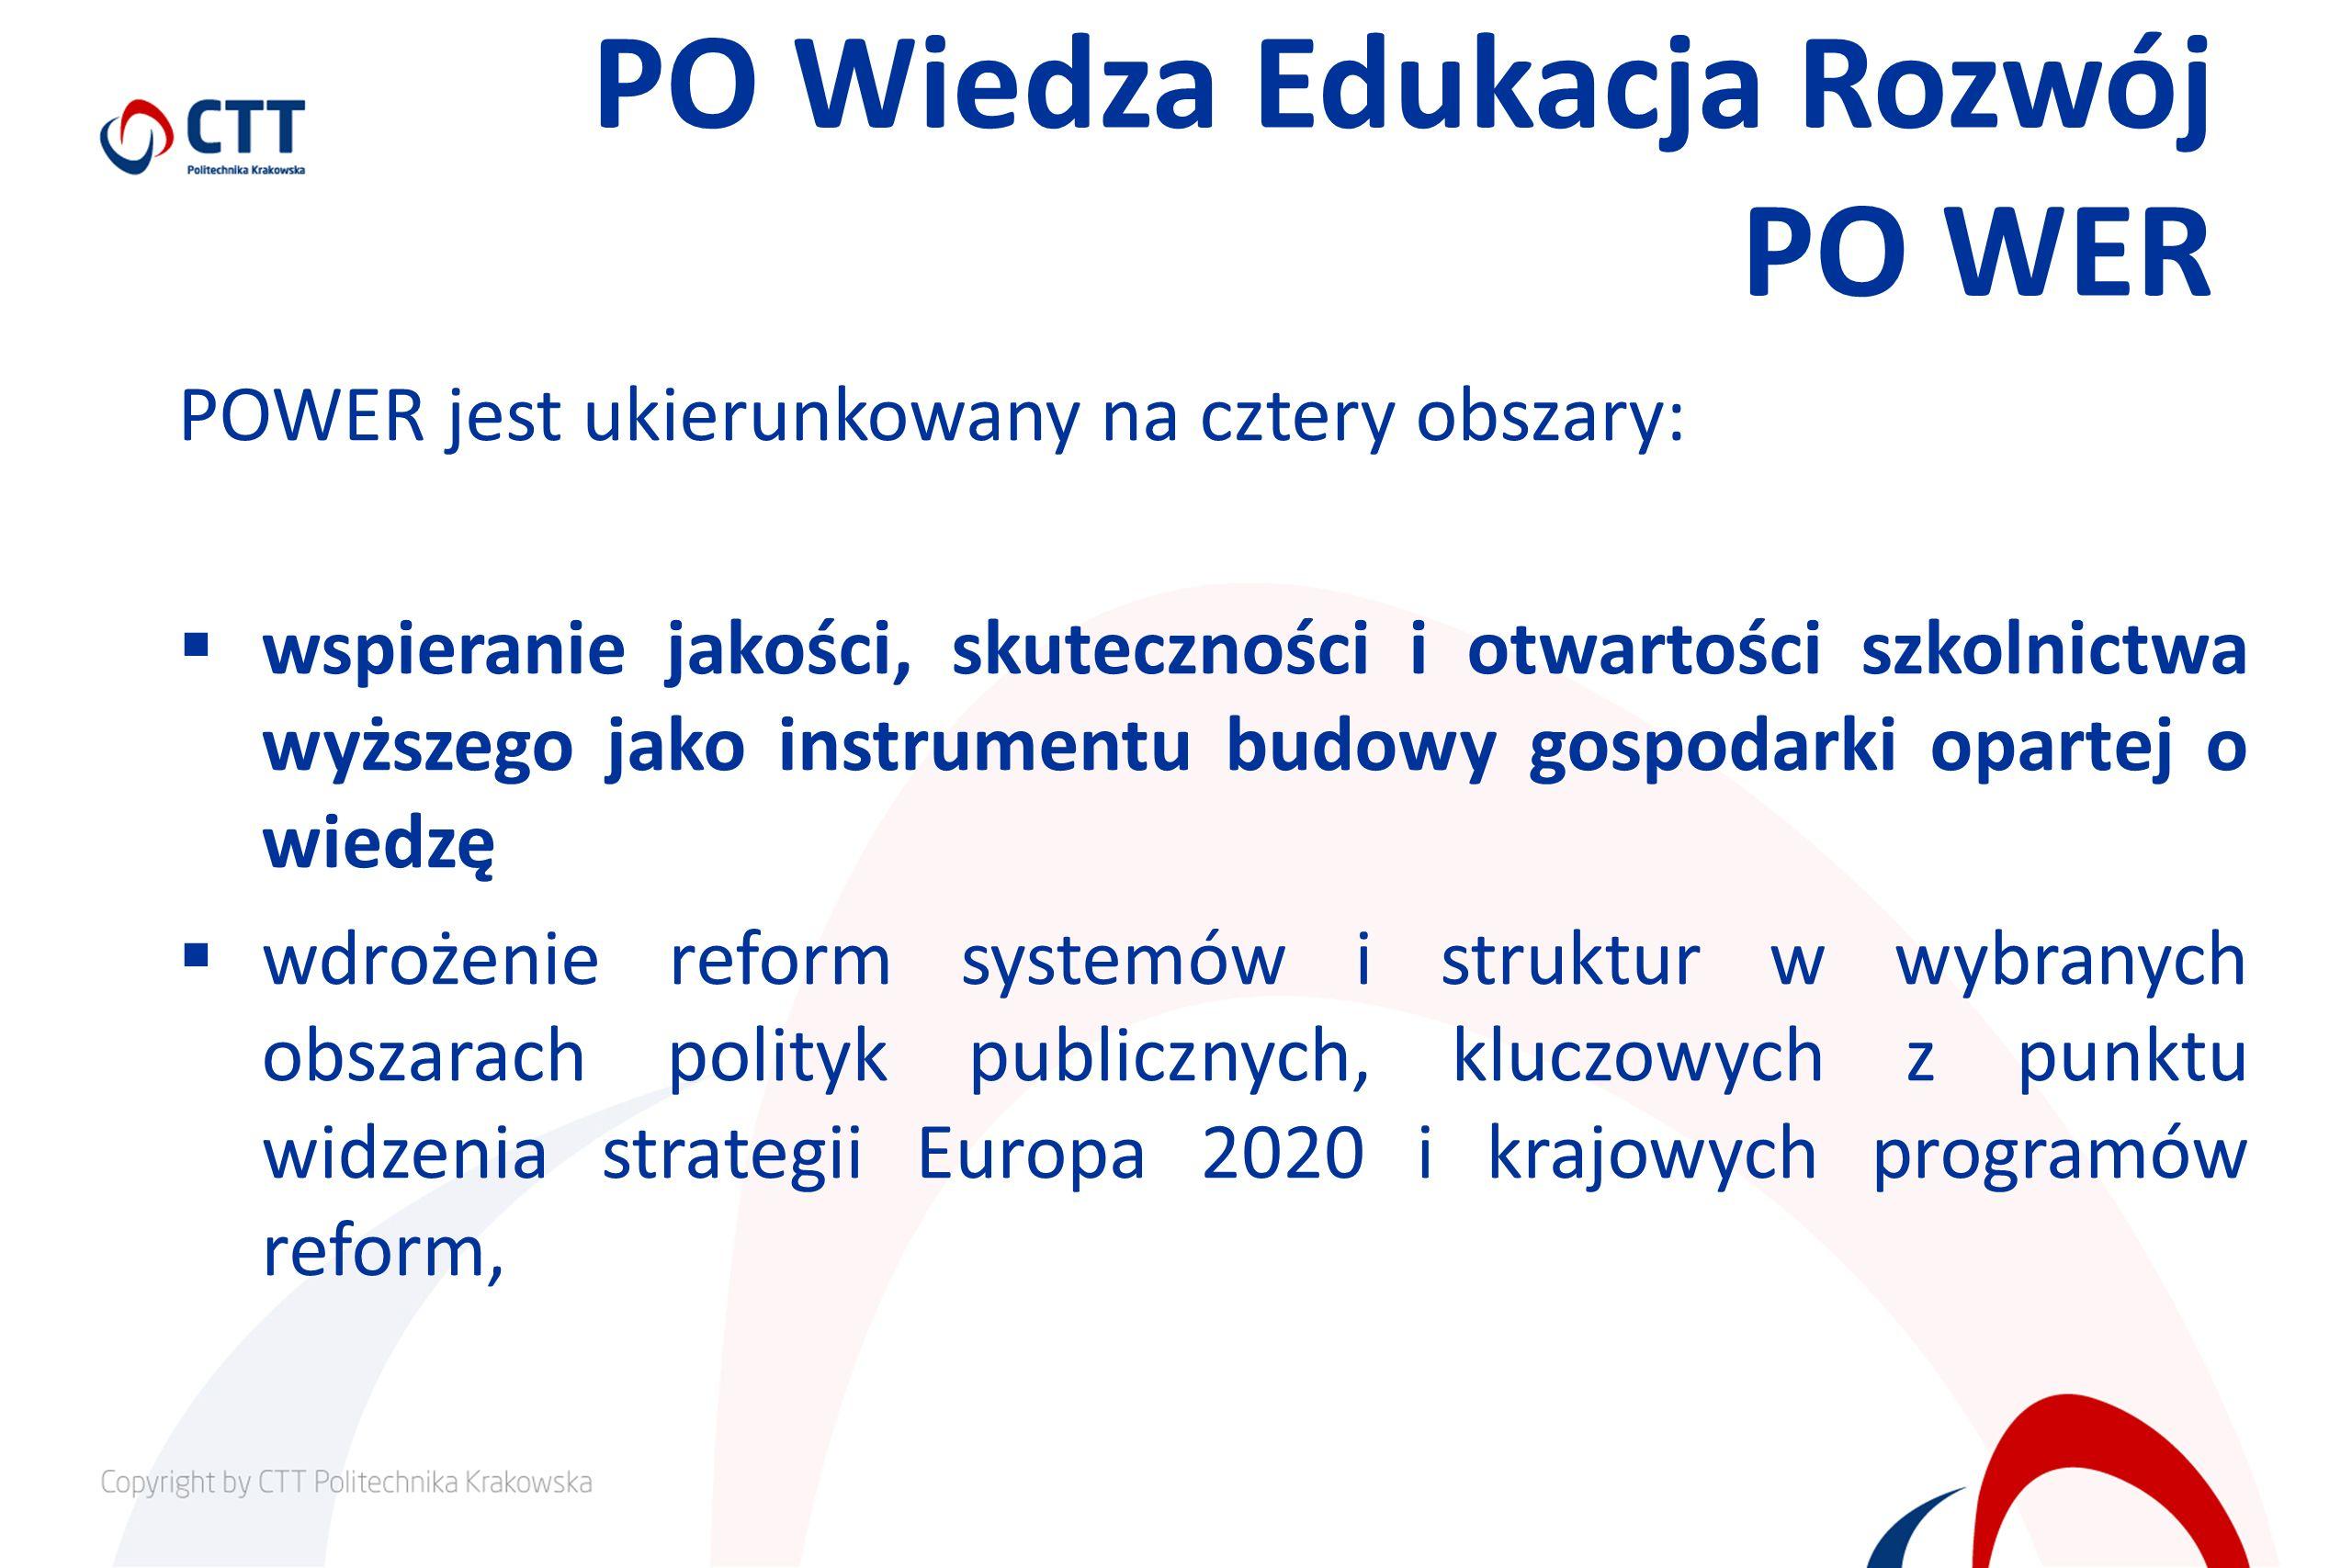 PO Wiedza Edukacja Rozwój PO WER POWER jest ukierunkowany na cztery obszary: wspieranie jakości, skuteczności i otwartości szkolnictwa wyższego jako instrumentu budowy gospodarki opartej o wiedzę wdrożenie reform systemów i struktur w wybranych obszarach polityk publicznych, kluczowych z punktu widzenia strategii Europa 2020 i krajowych programów reform,